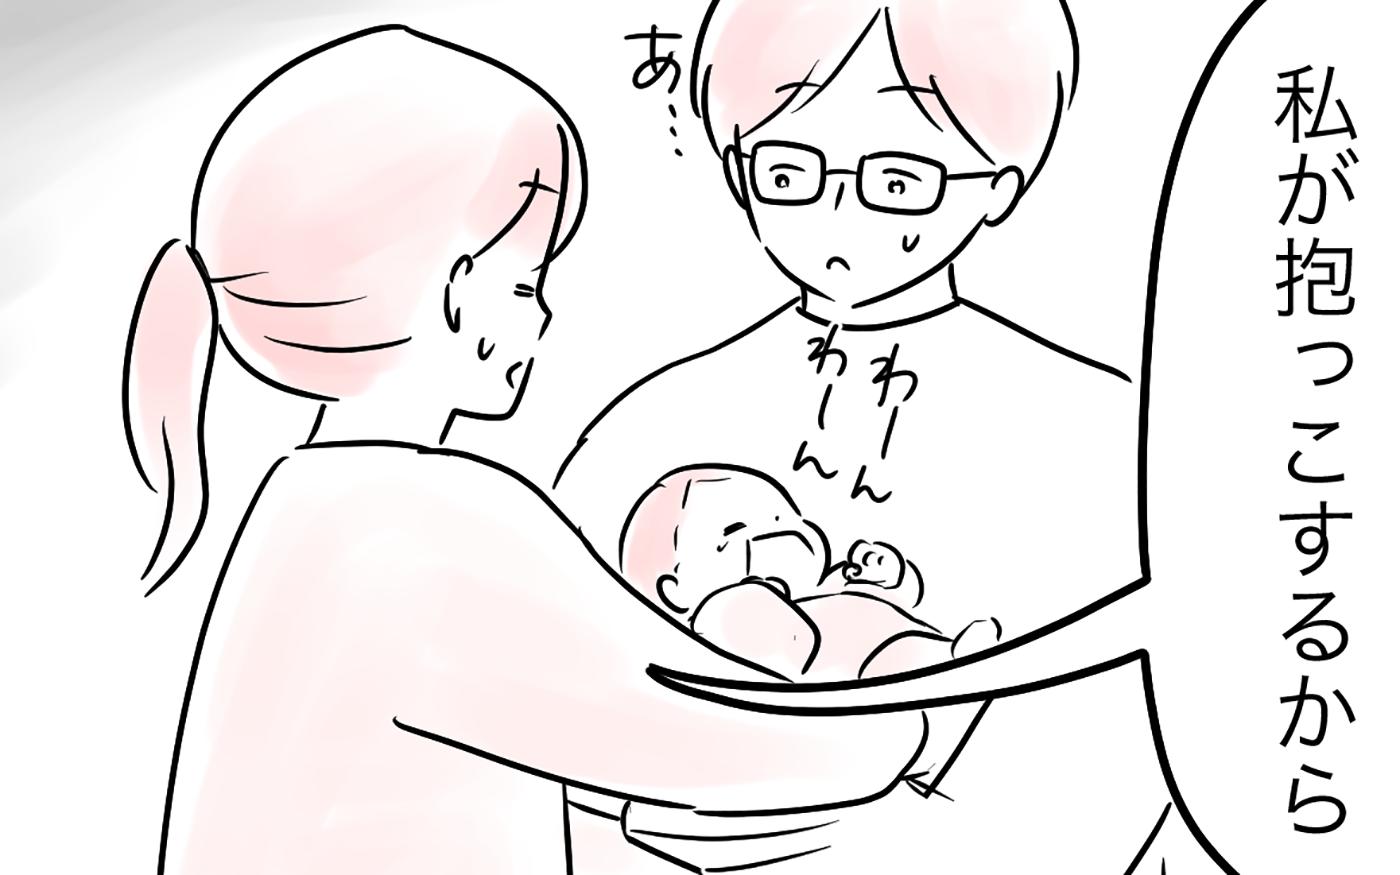 新米パパ、子育て部外者になっちゃった!?…夫は育児の戦力外?(1)